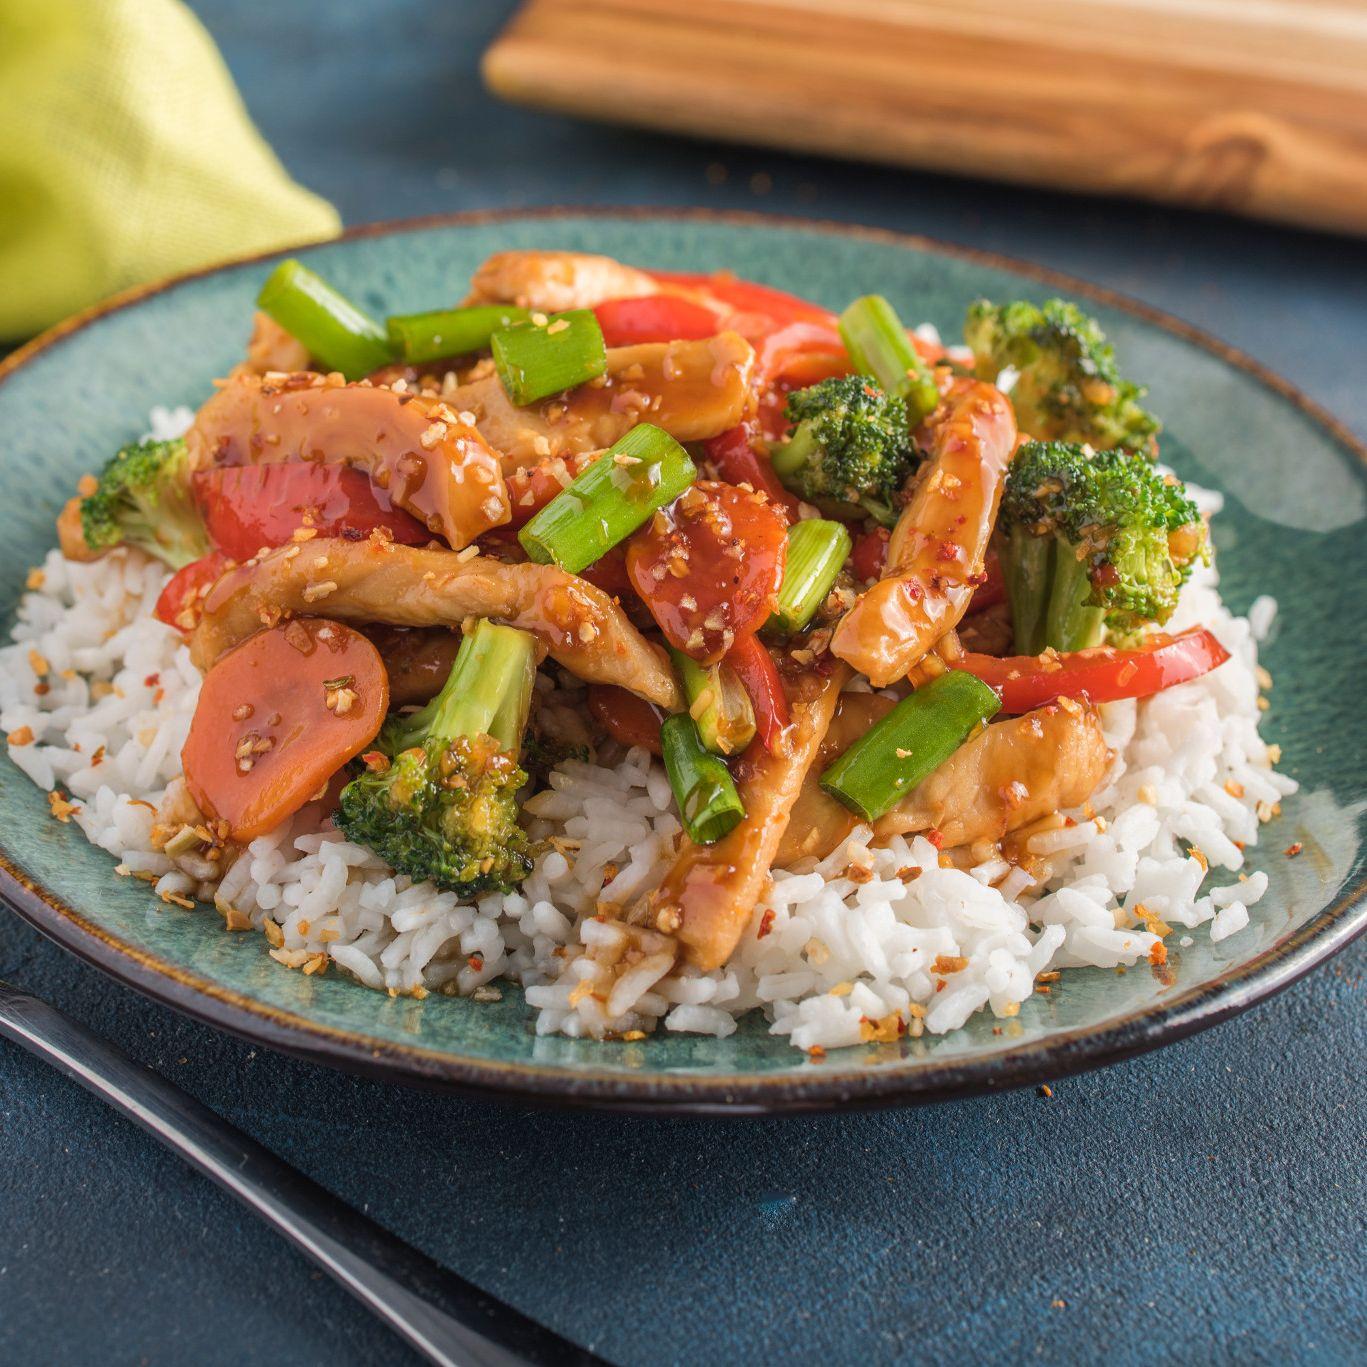 Chicken & Vegetable Stir-Fry